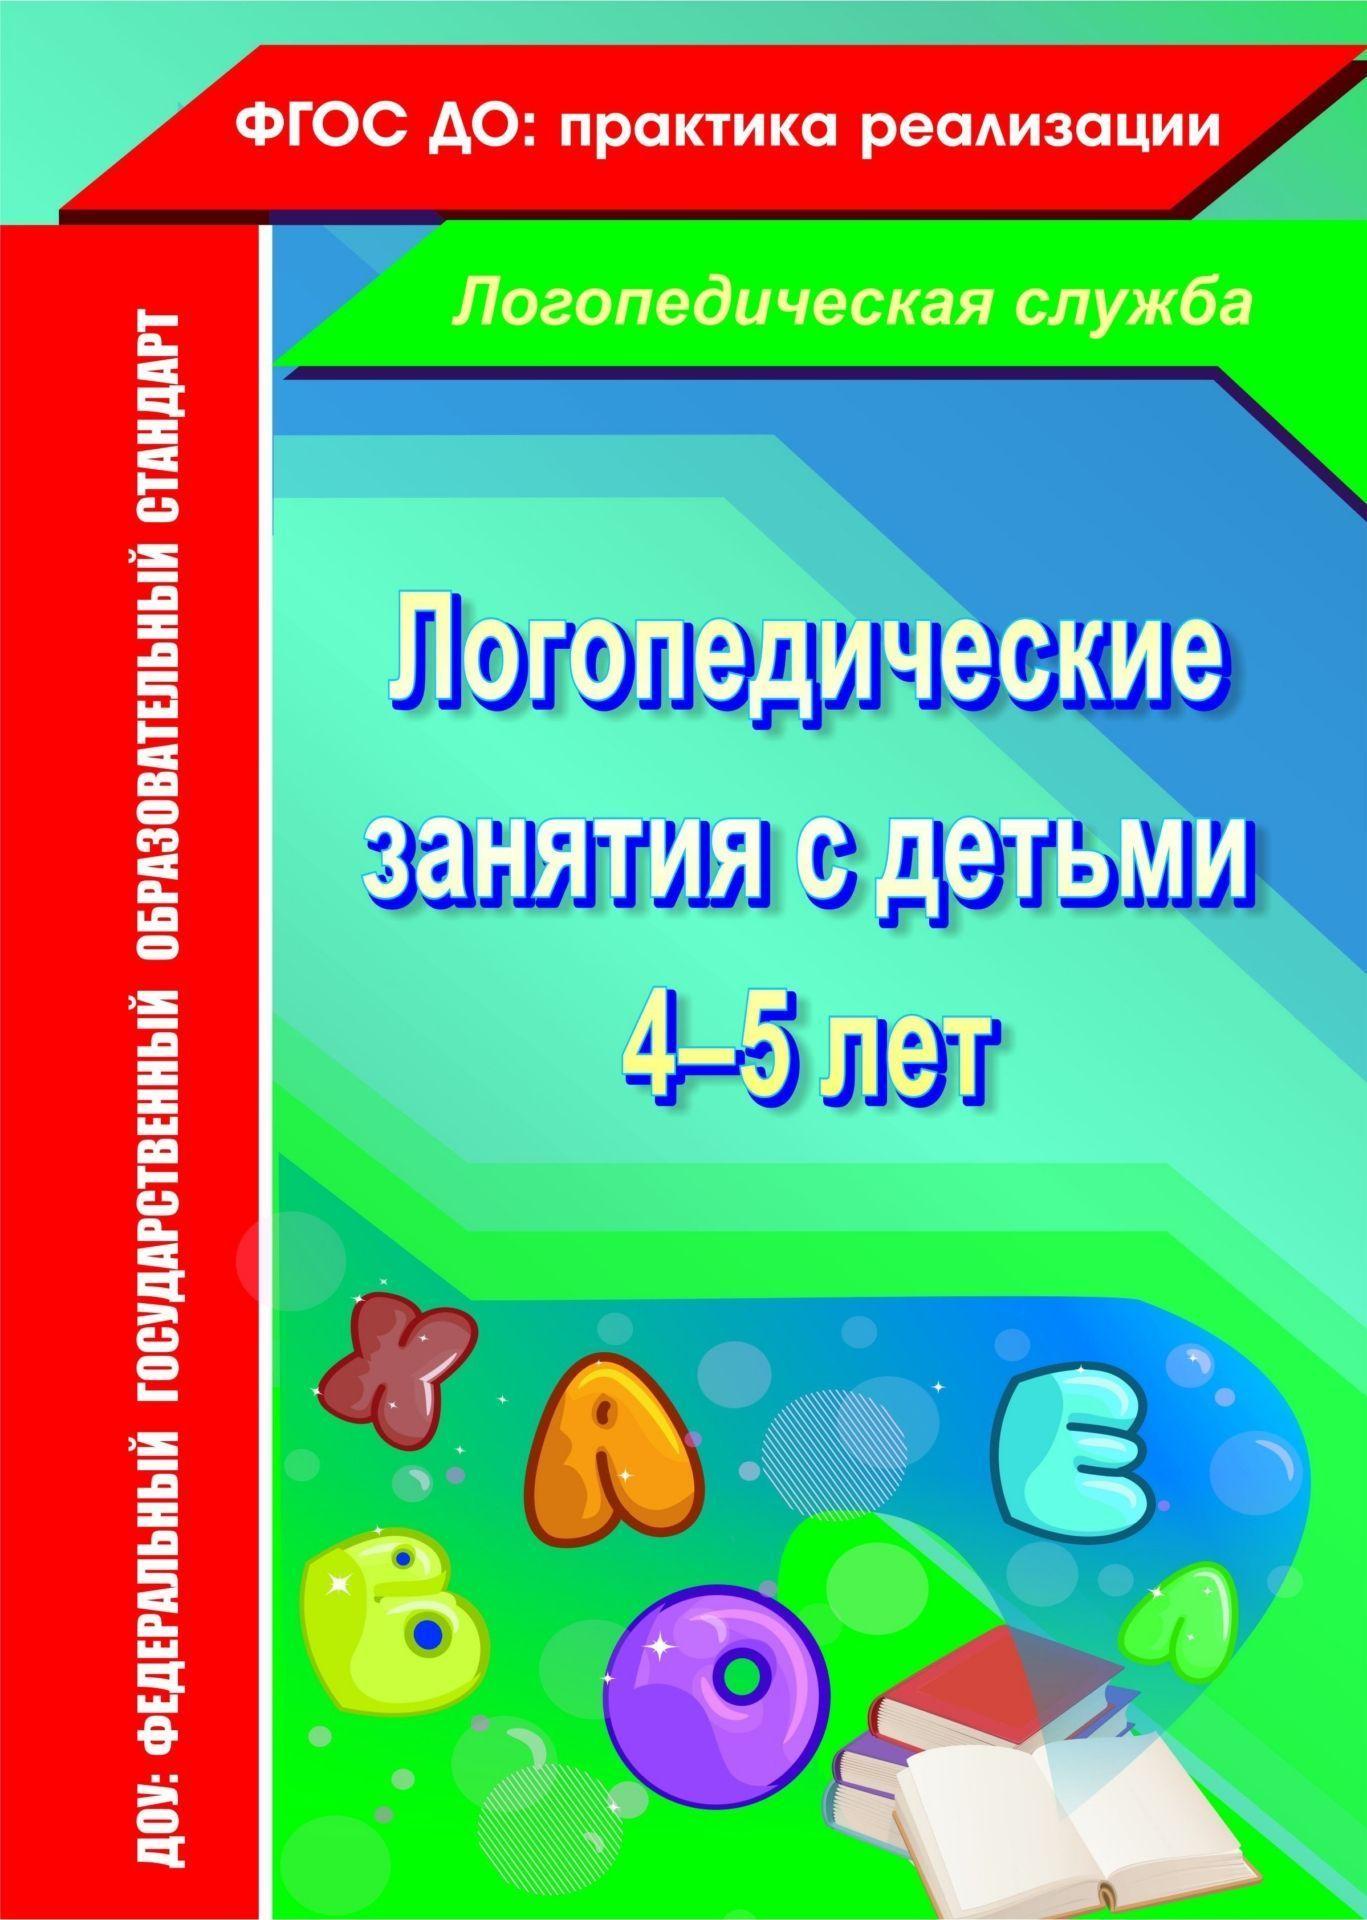 Логопедические занятия с детьми 4-5 лет. Программа для установки через Интернет